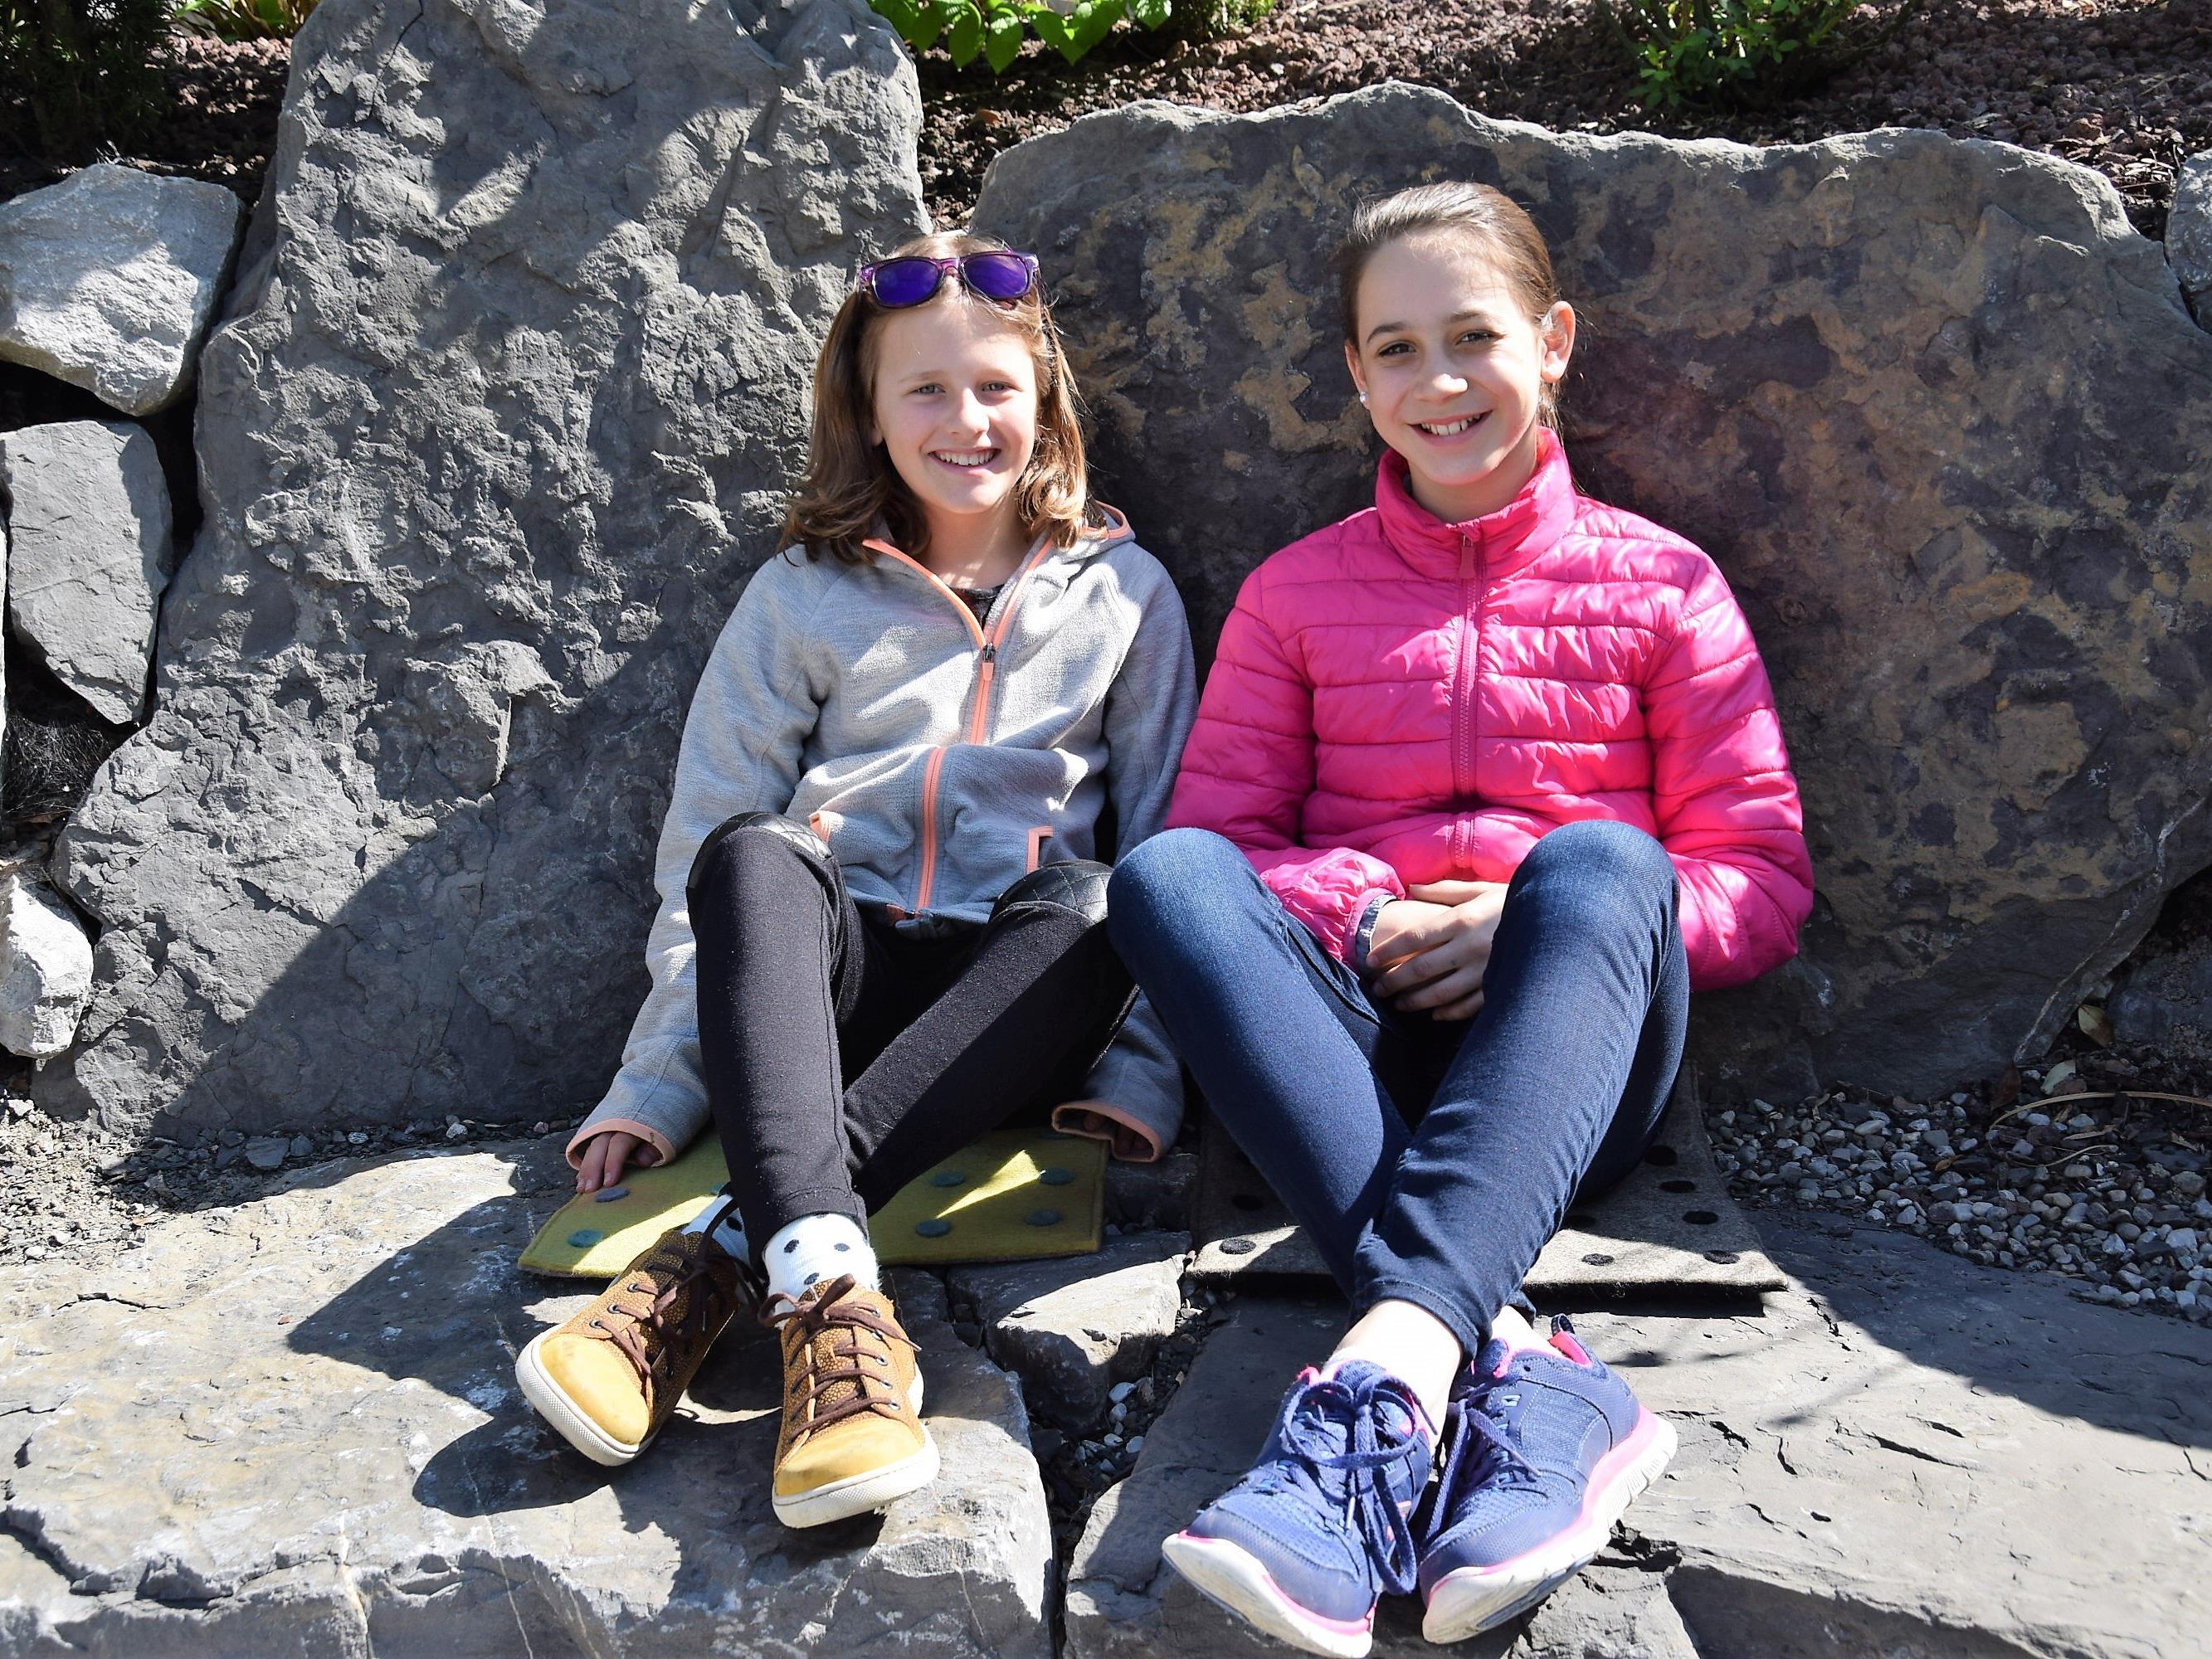 Emilia (11) und Sarah (11) genossen das tolle Ambiente im Ideenpark amKumma